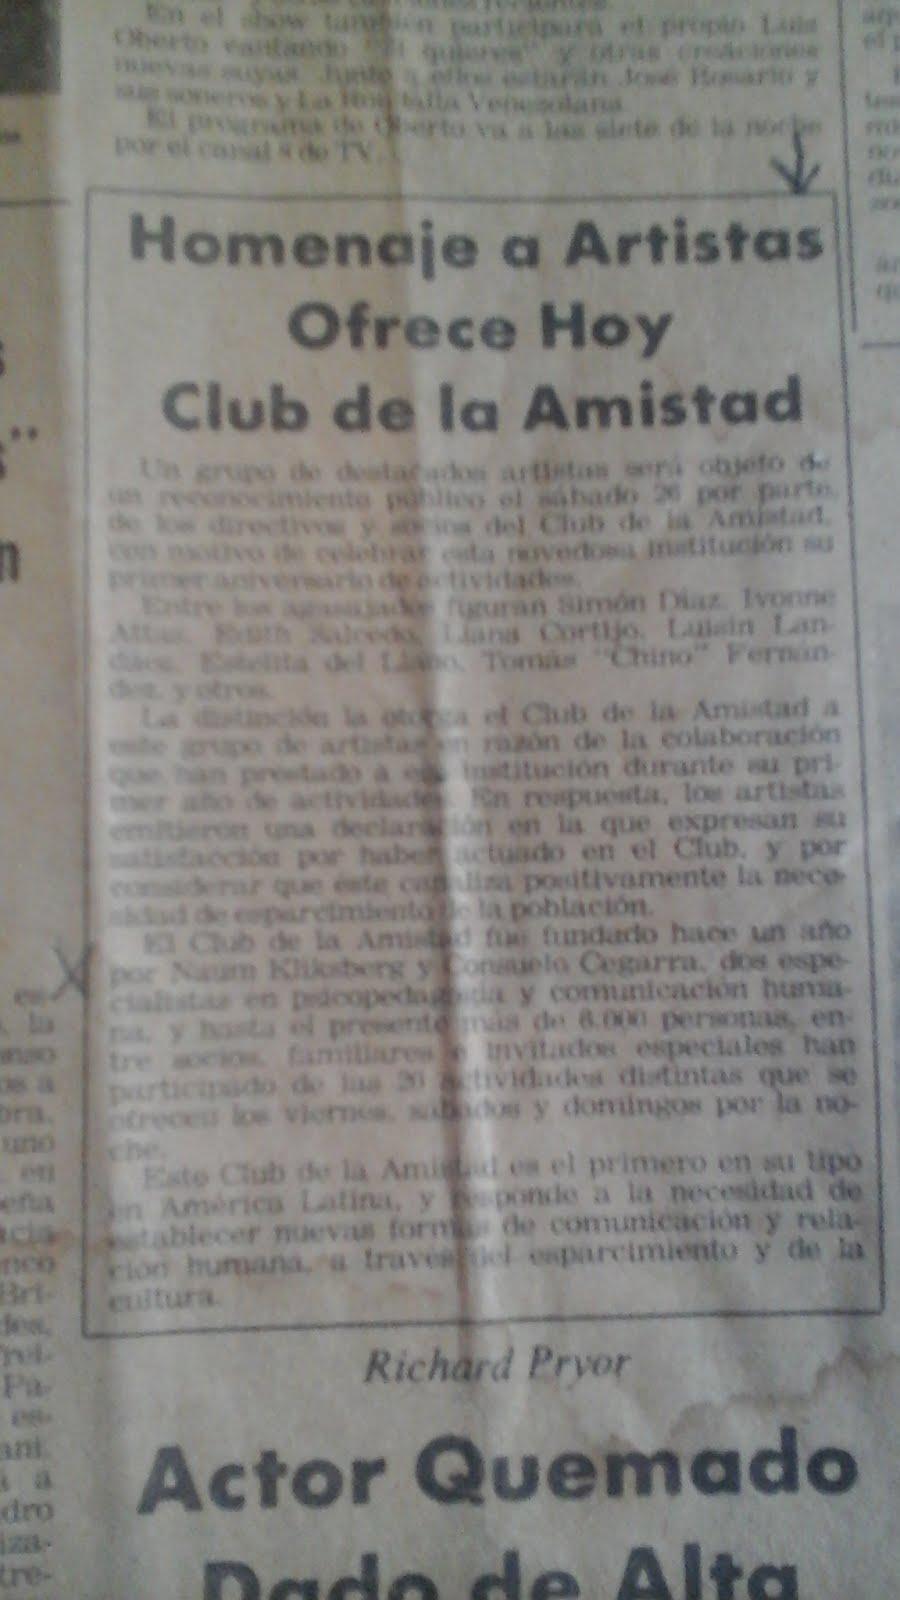 62 - Periódico El Universal,Venezuela, 26/07/1980. Noticia sobre el Club de la Cultura y la Amistad